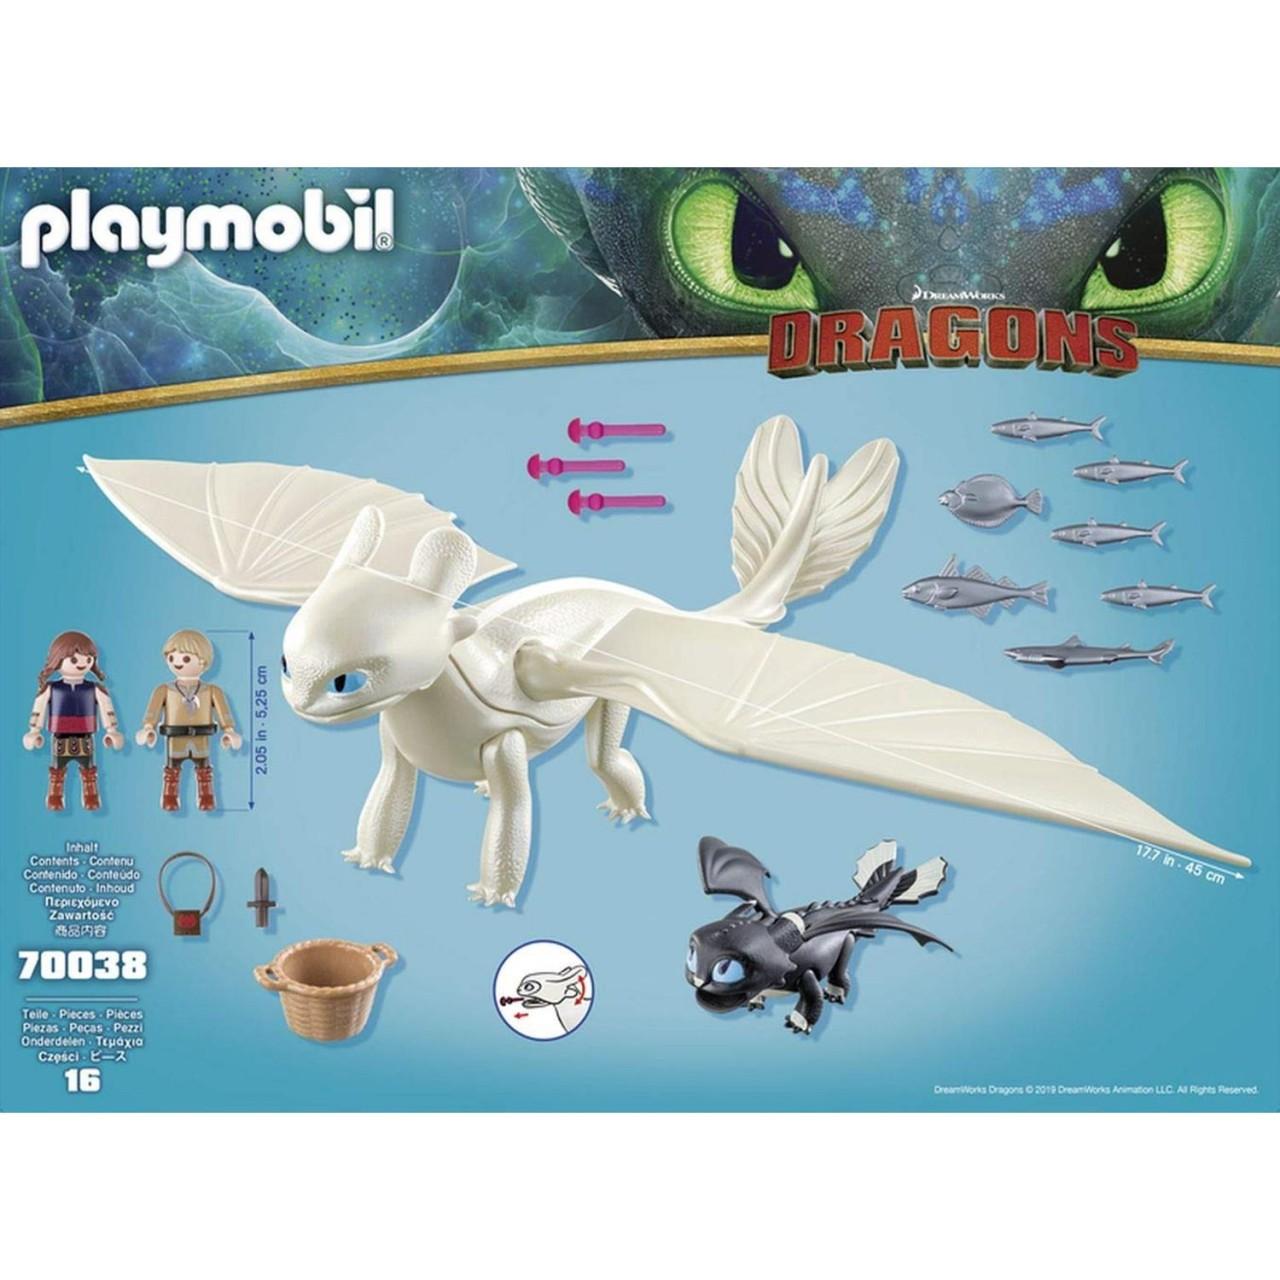 Playmobil 70038 Tagschatten und Babydrachen mit Kindern